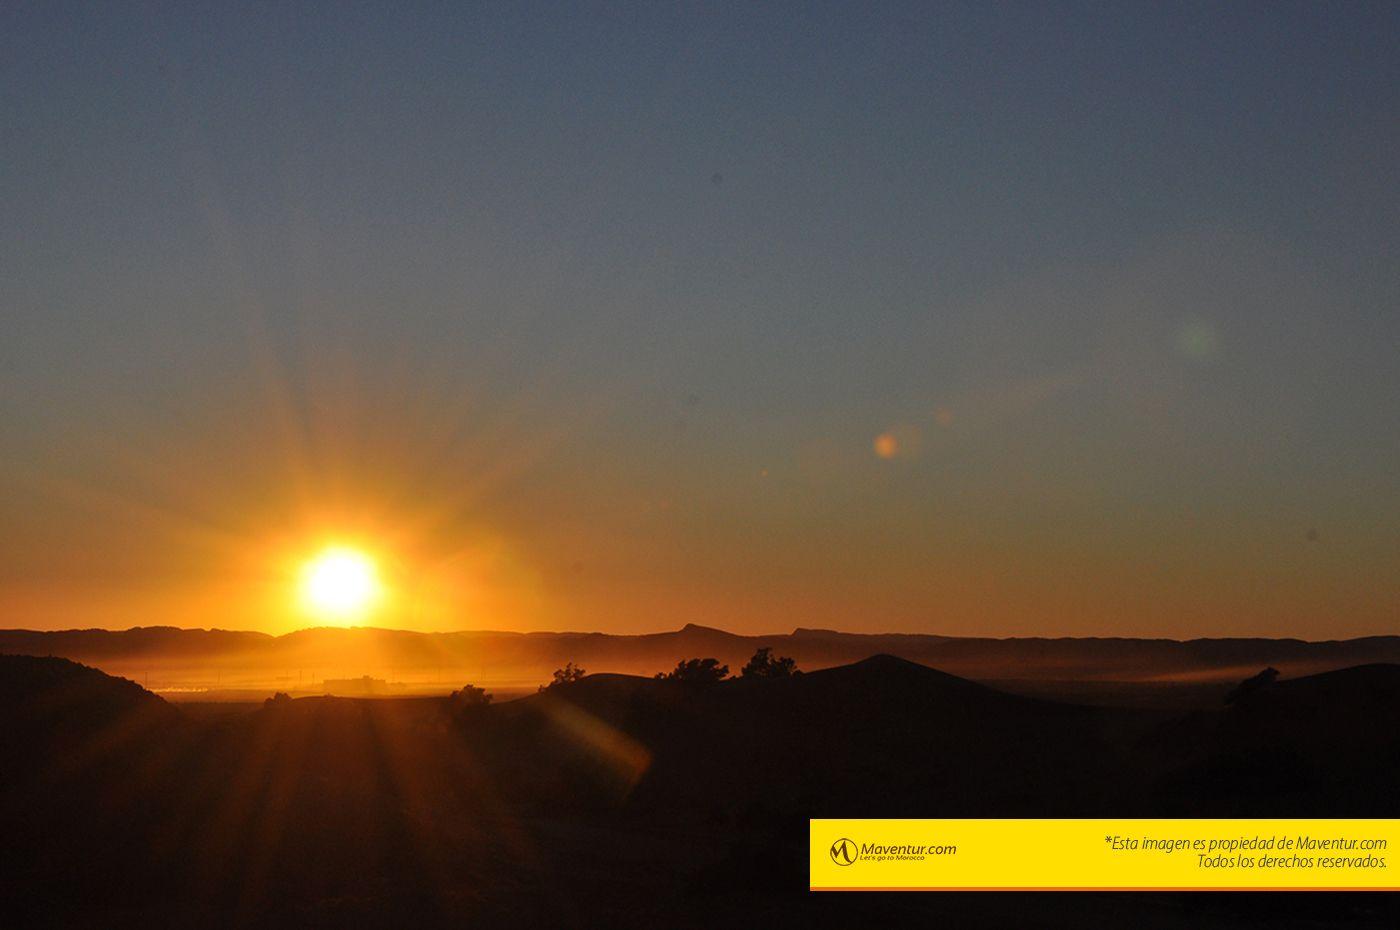 Maventur_viaje al desierto de merzouga